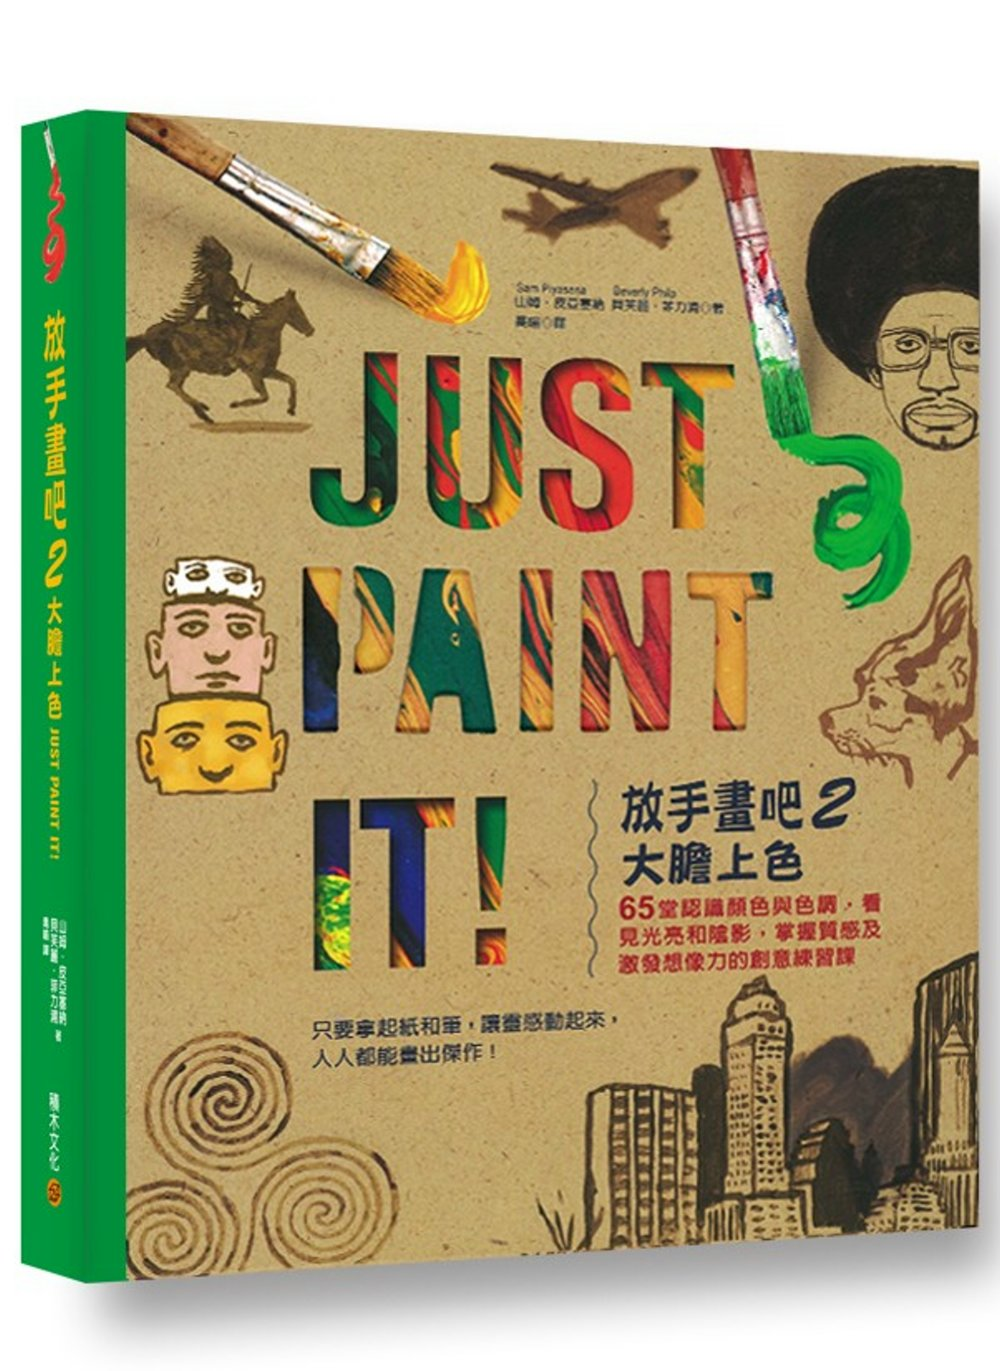 放手畫吧2 大膽上色!Just Paint It!:65堂認識顏色與色調,看見光亮和陰影,掌握質感及激發想像力的創意練習課